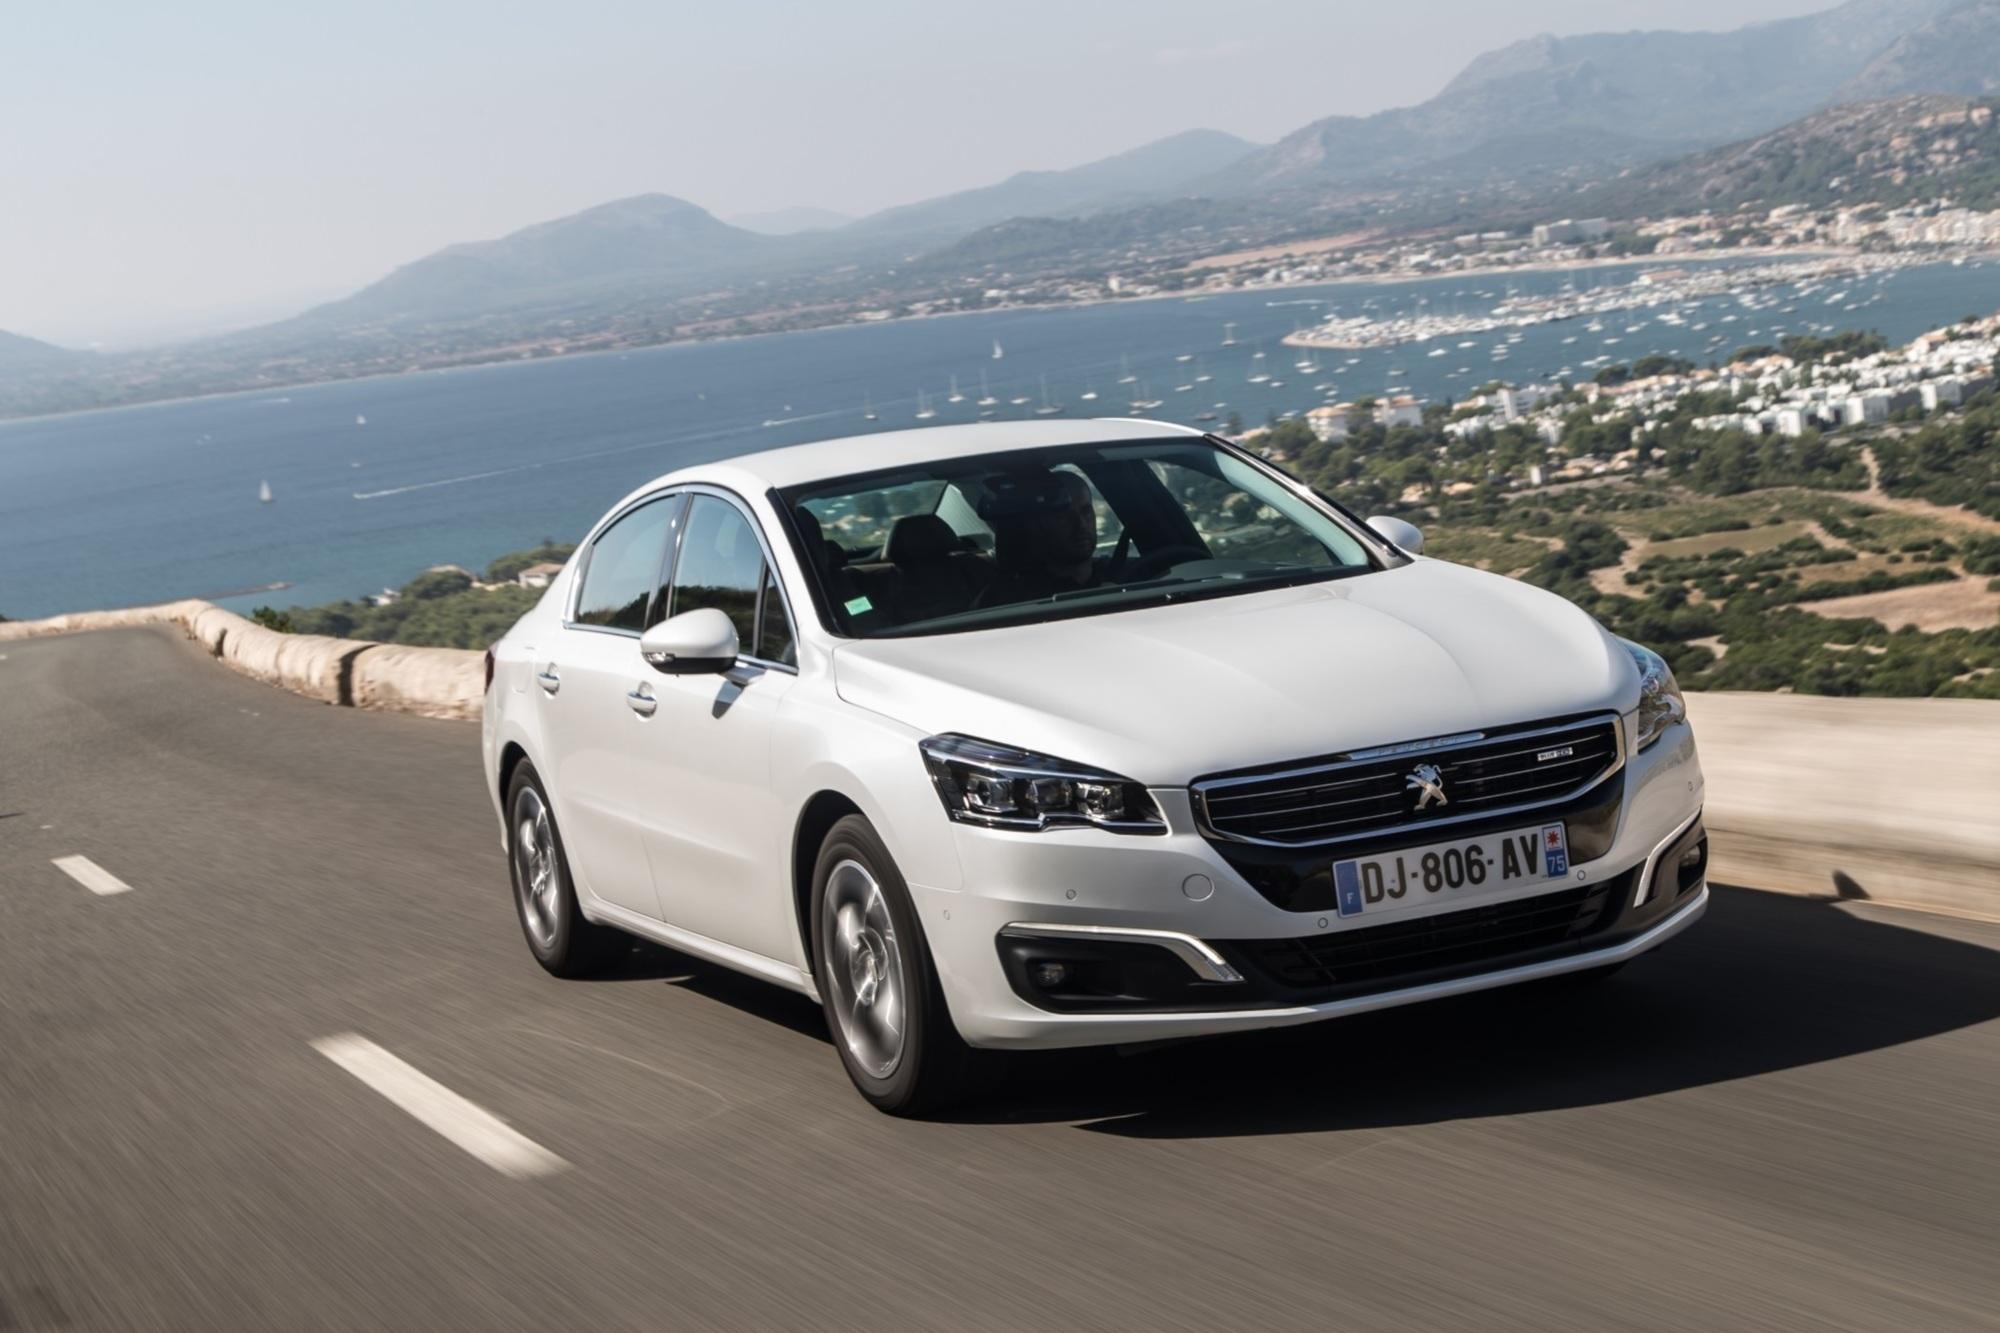 Fahrbericht: Peugeot 508 - In der Mitte Beute machen